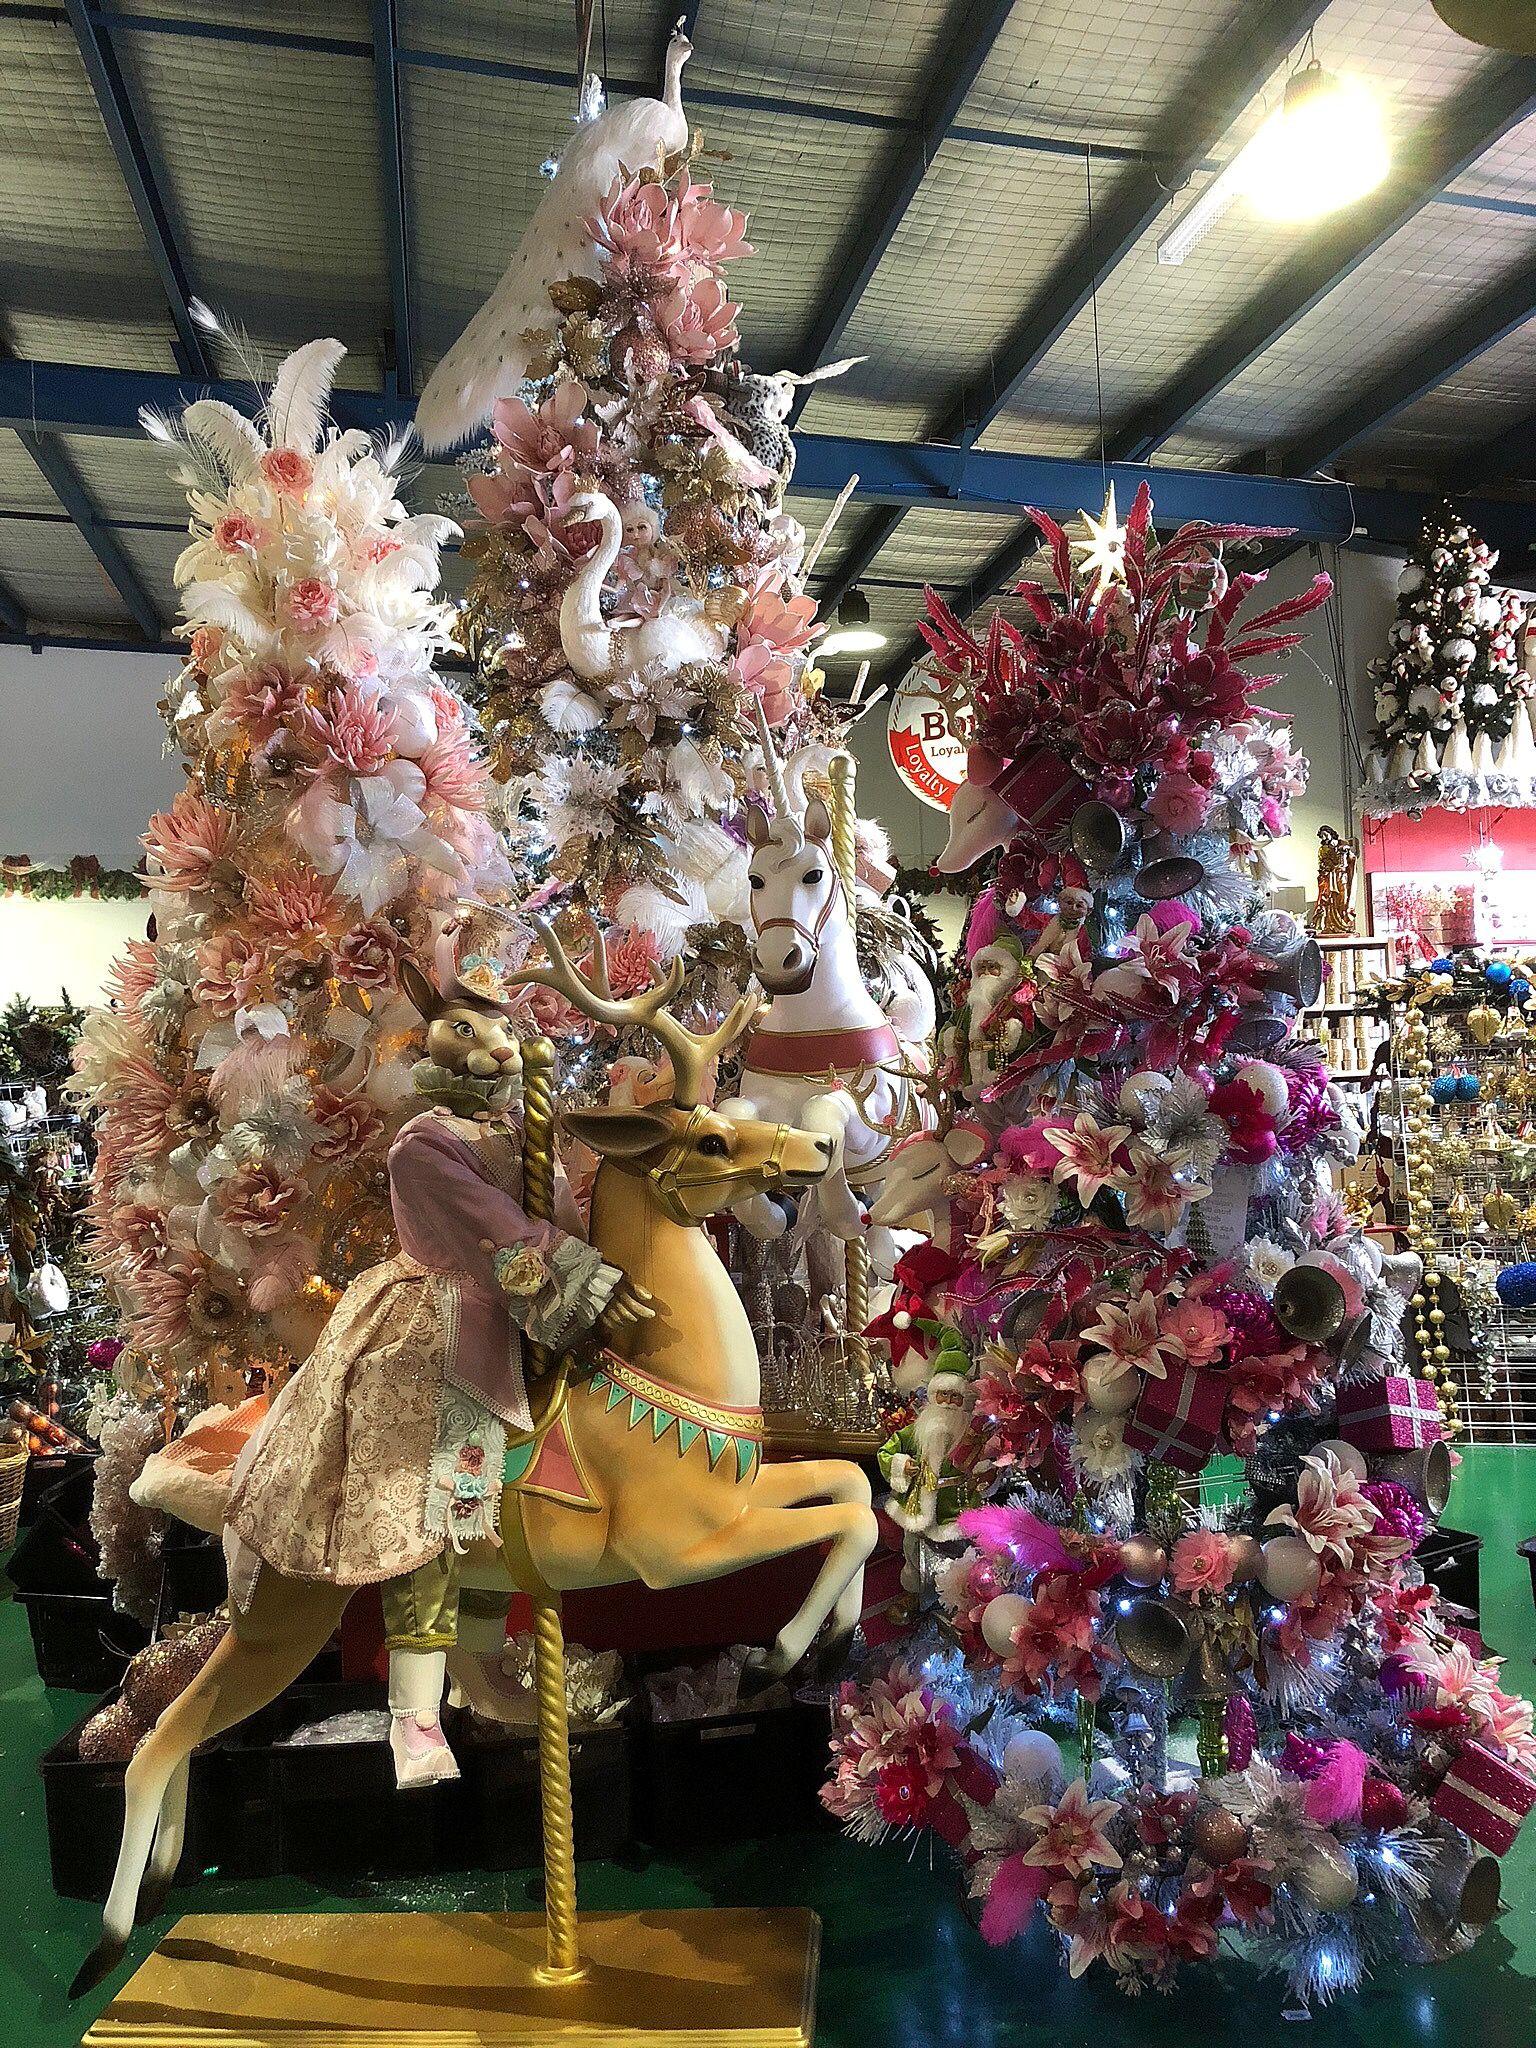 Fairytale Christmas Decorations.Fairytale Christmas Carousel Christmas Trees Christmas